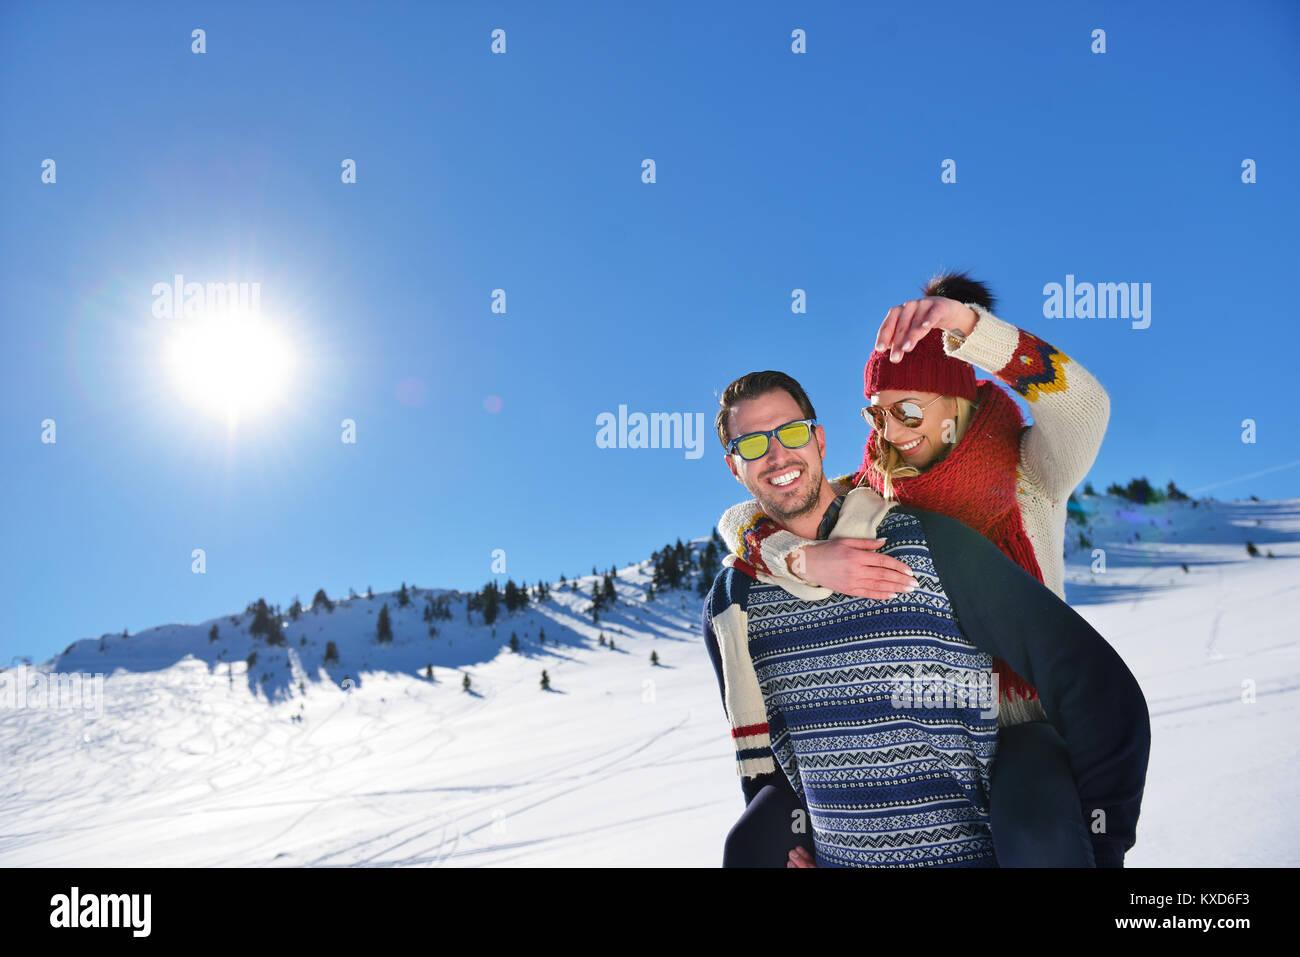 Young couple having fun sur la neige. Heureux l'homme à la montagne donnant à son piggyback ride smiling Photo Stock